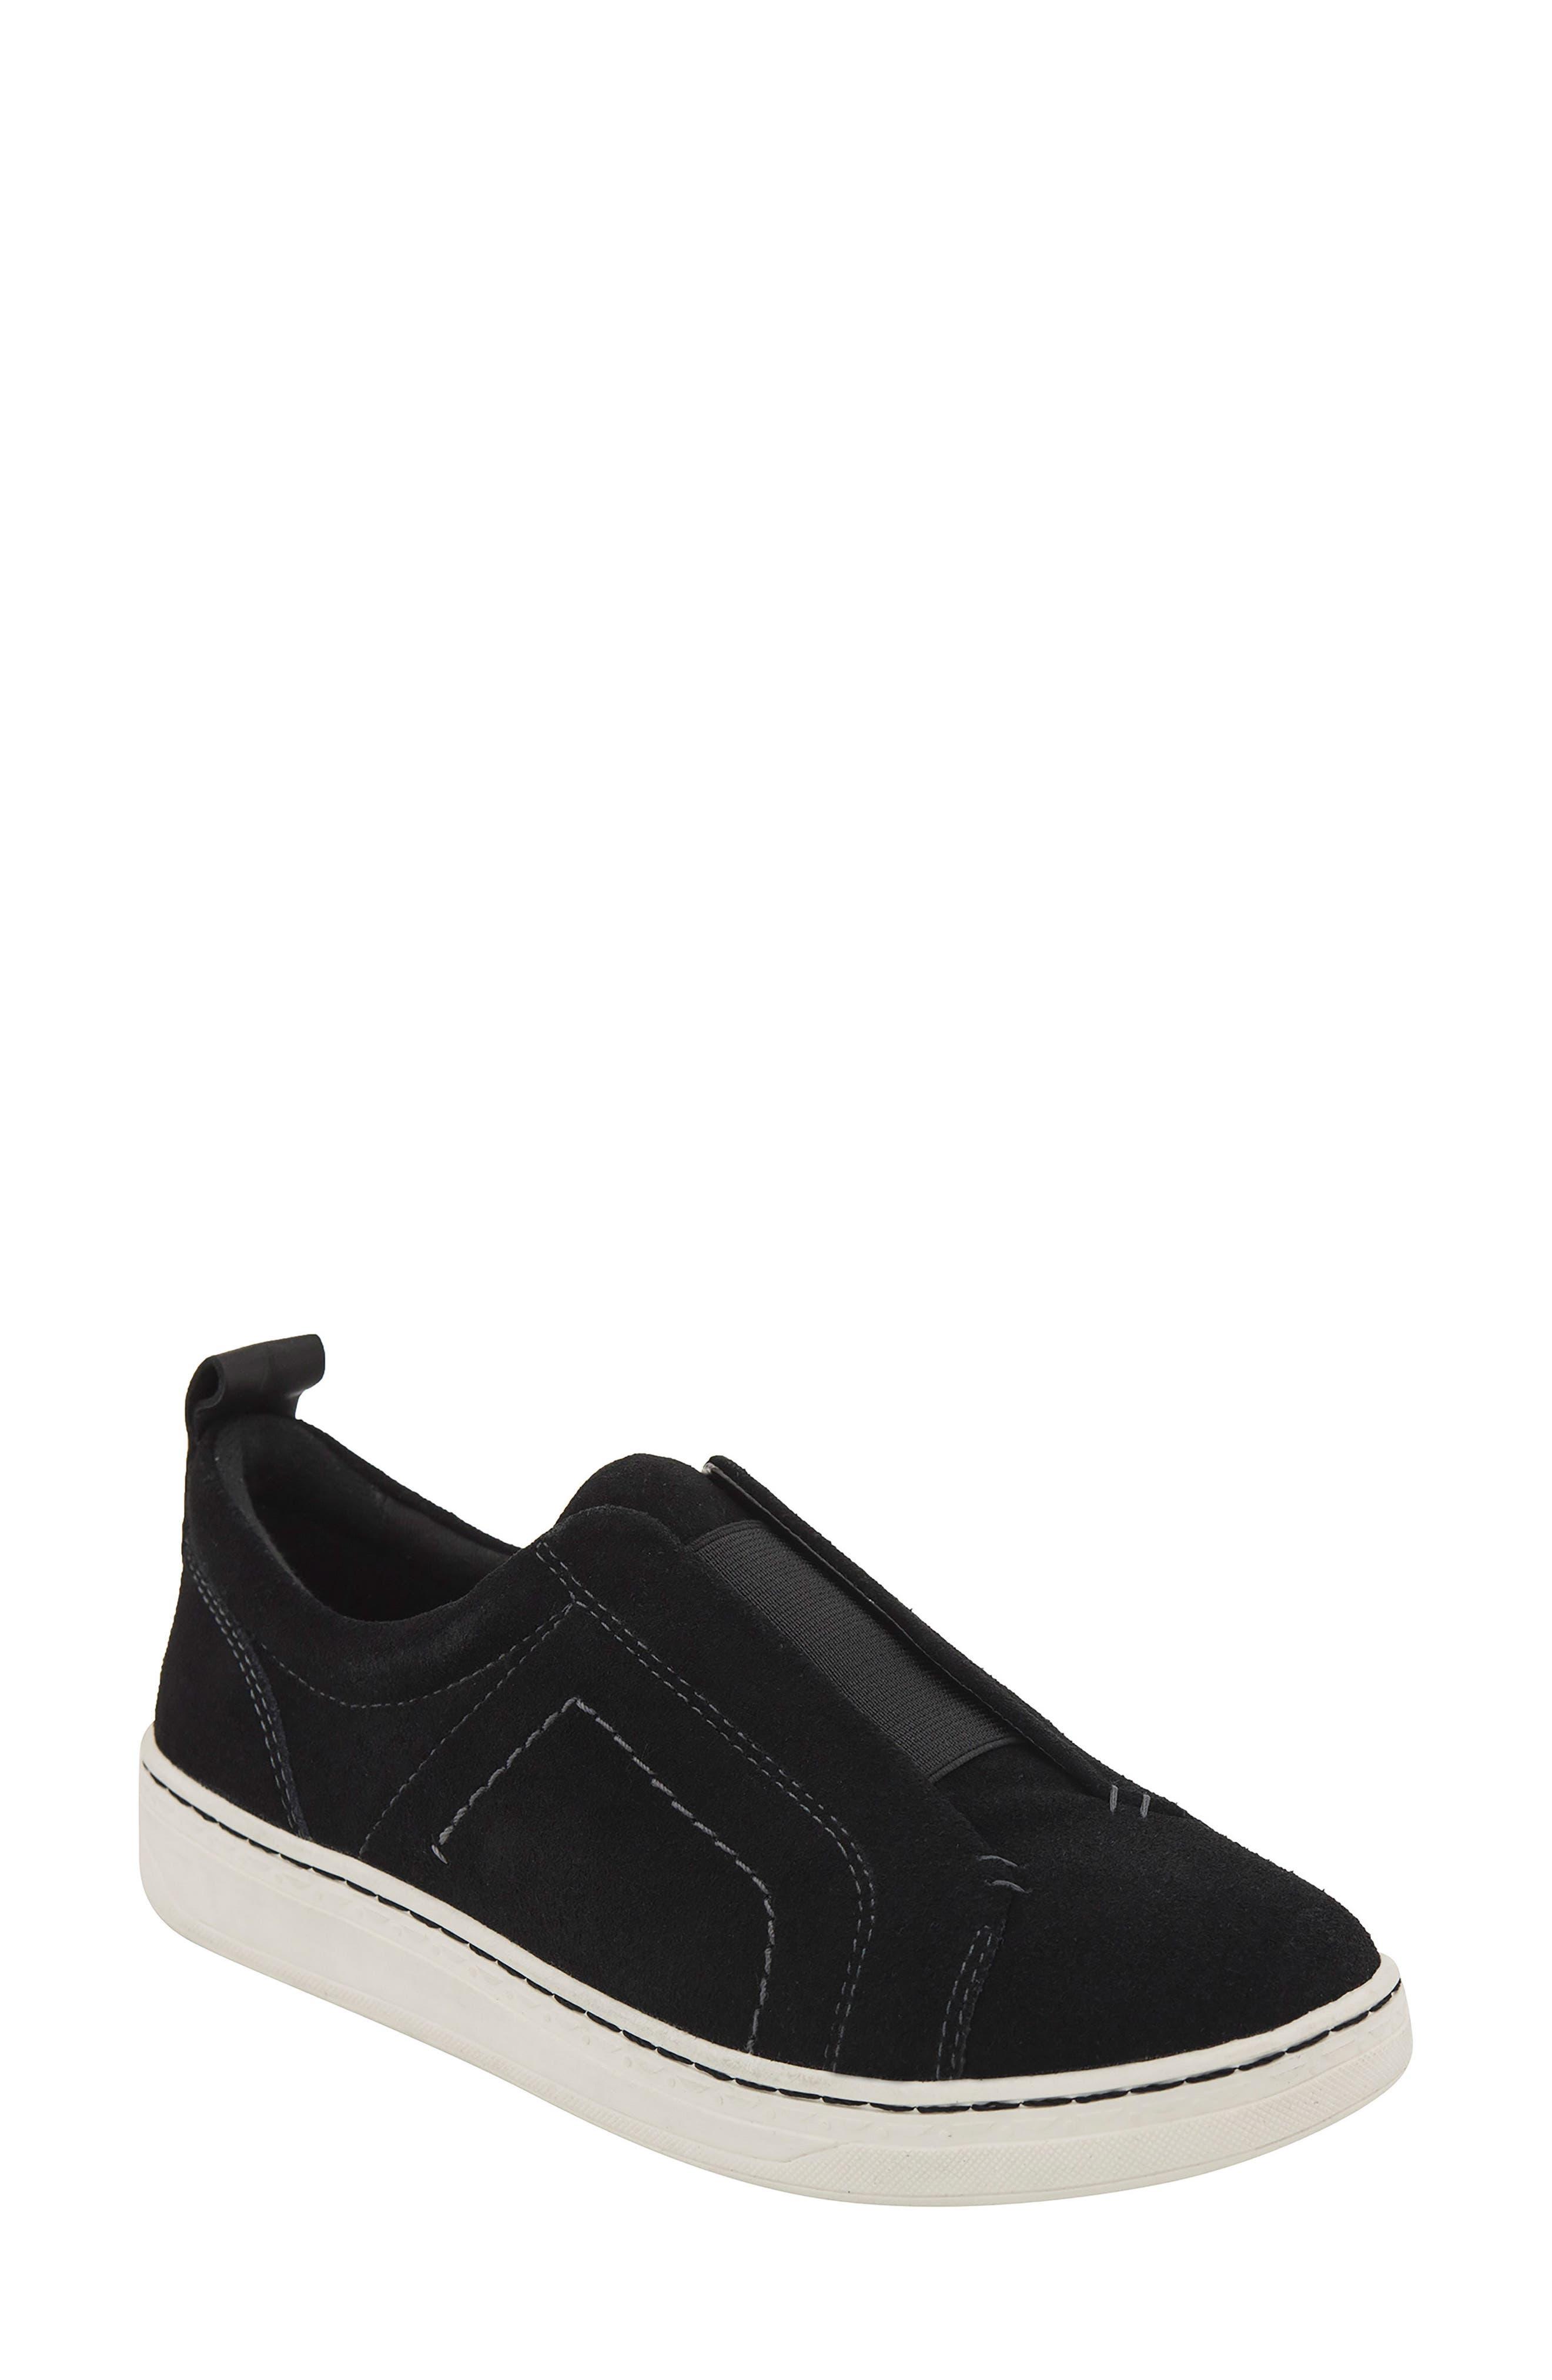 Zetta Slip-On Sneaker,                             Main thumbnail 1, color,                             003